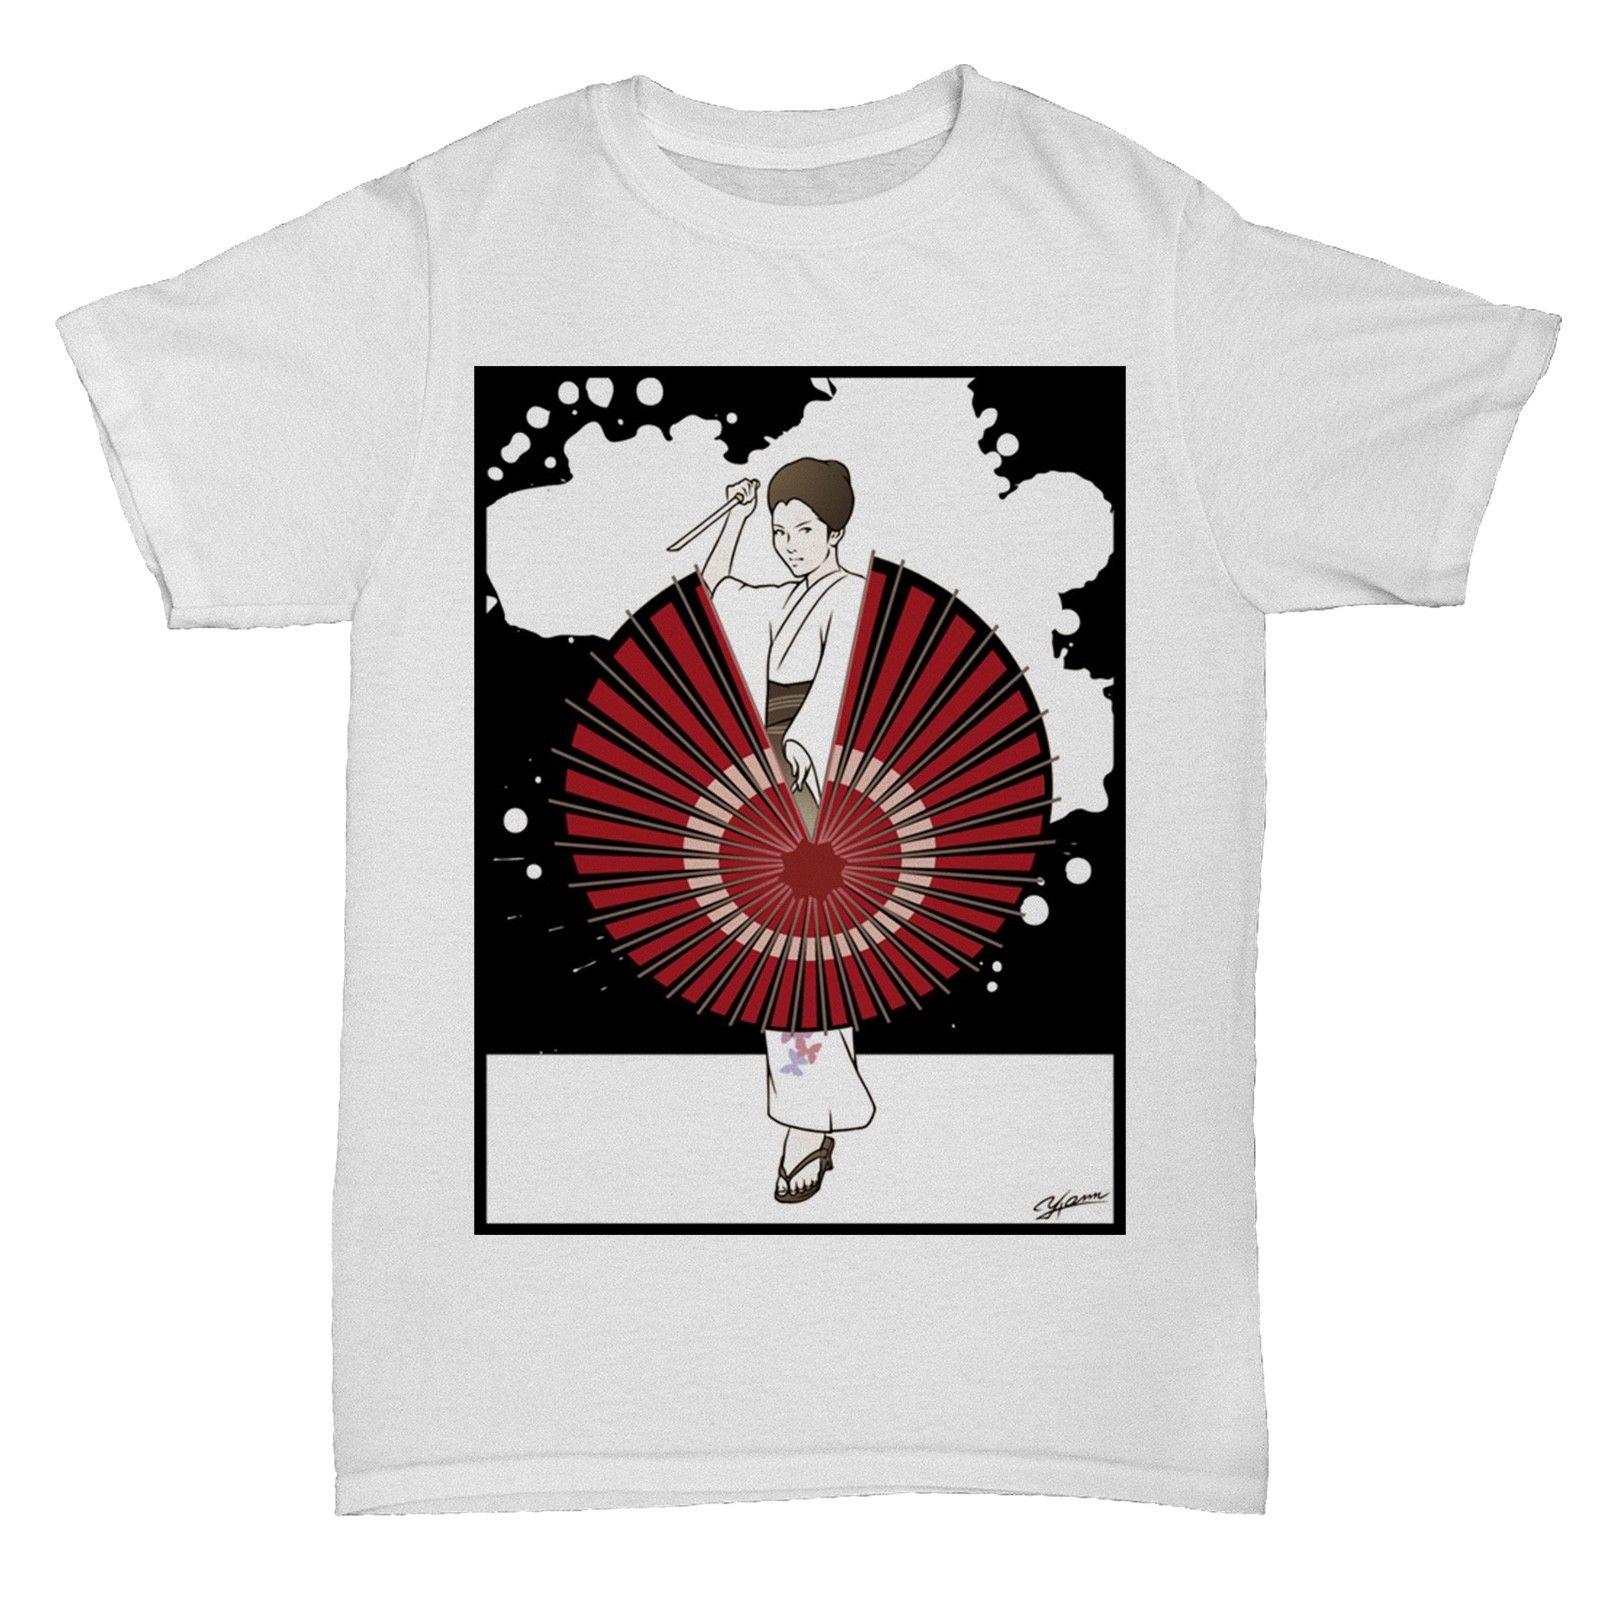 Леди сноублад манга KILL BILL фильм KUNG FU 70 S Китайская японская футболка мужские футболки мужская одежда плюс размер Топ тройник